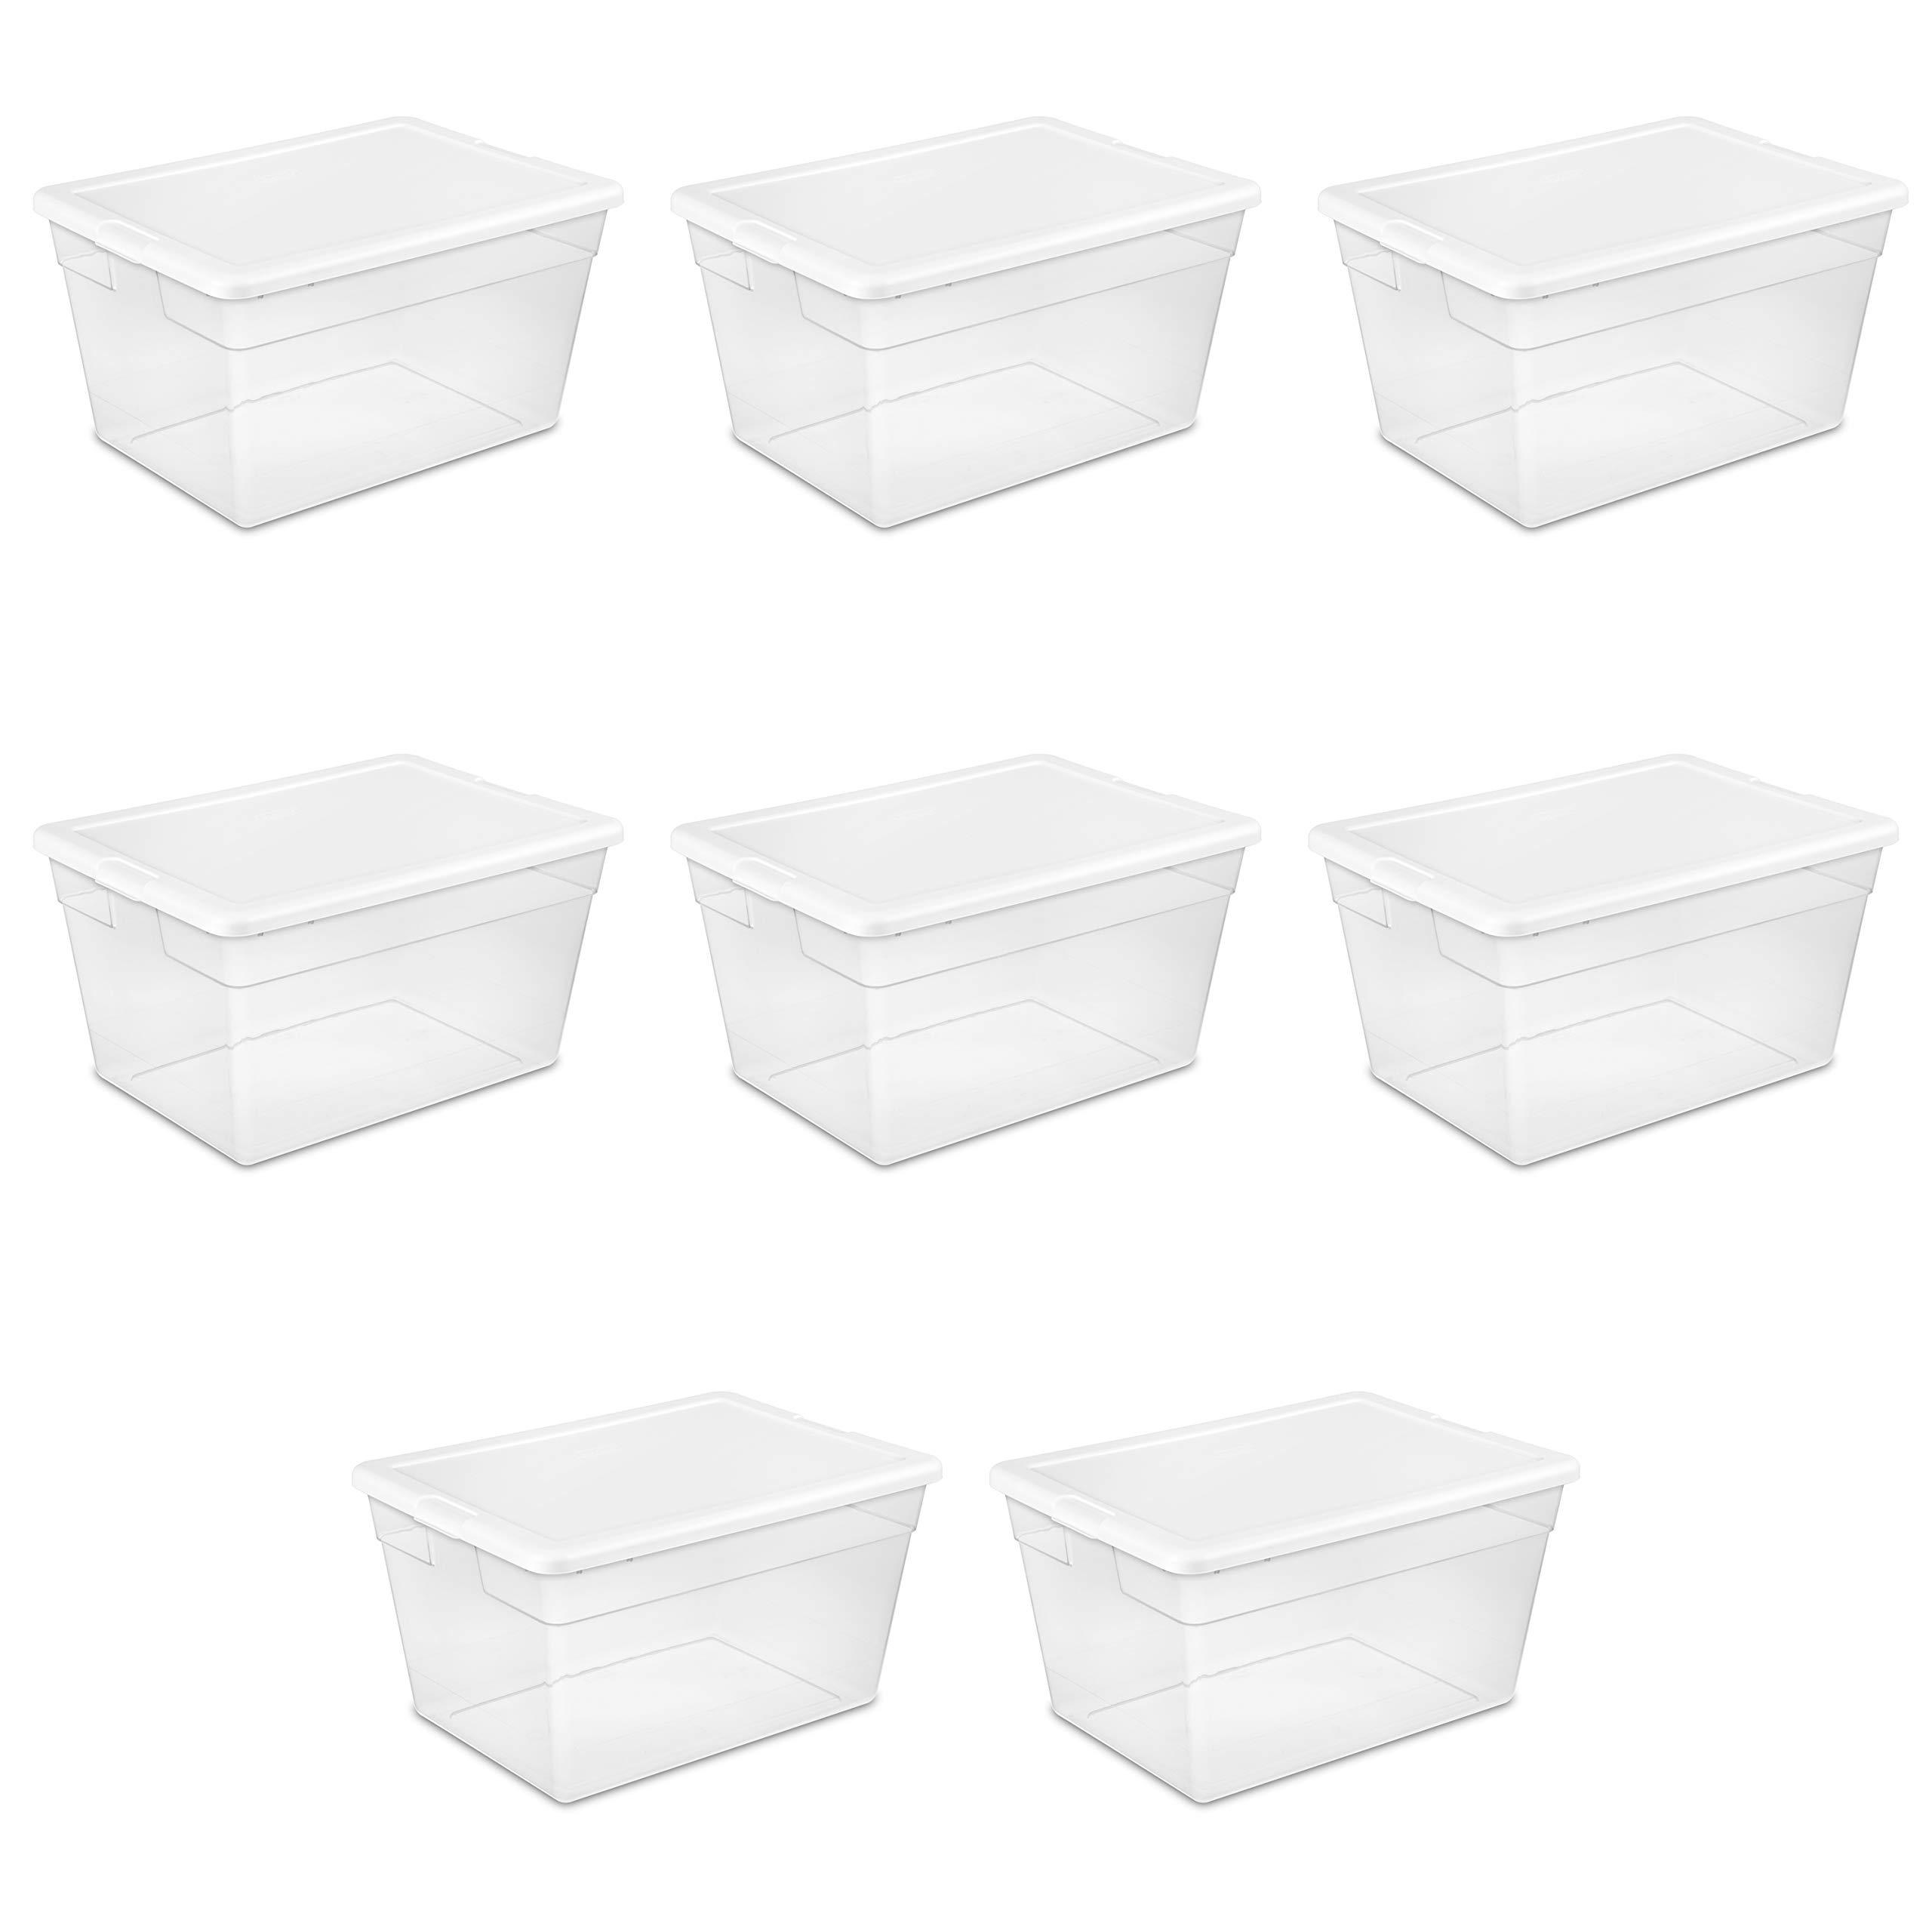 Sterilite 16598008 56 Quart/53 Liter Storage Box, White Lid w/ Clear Base, 8-Pack by STERILITE